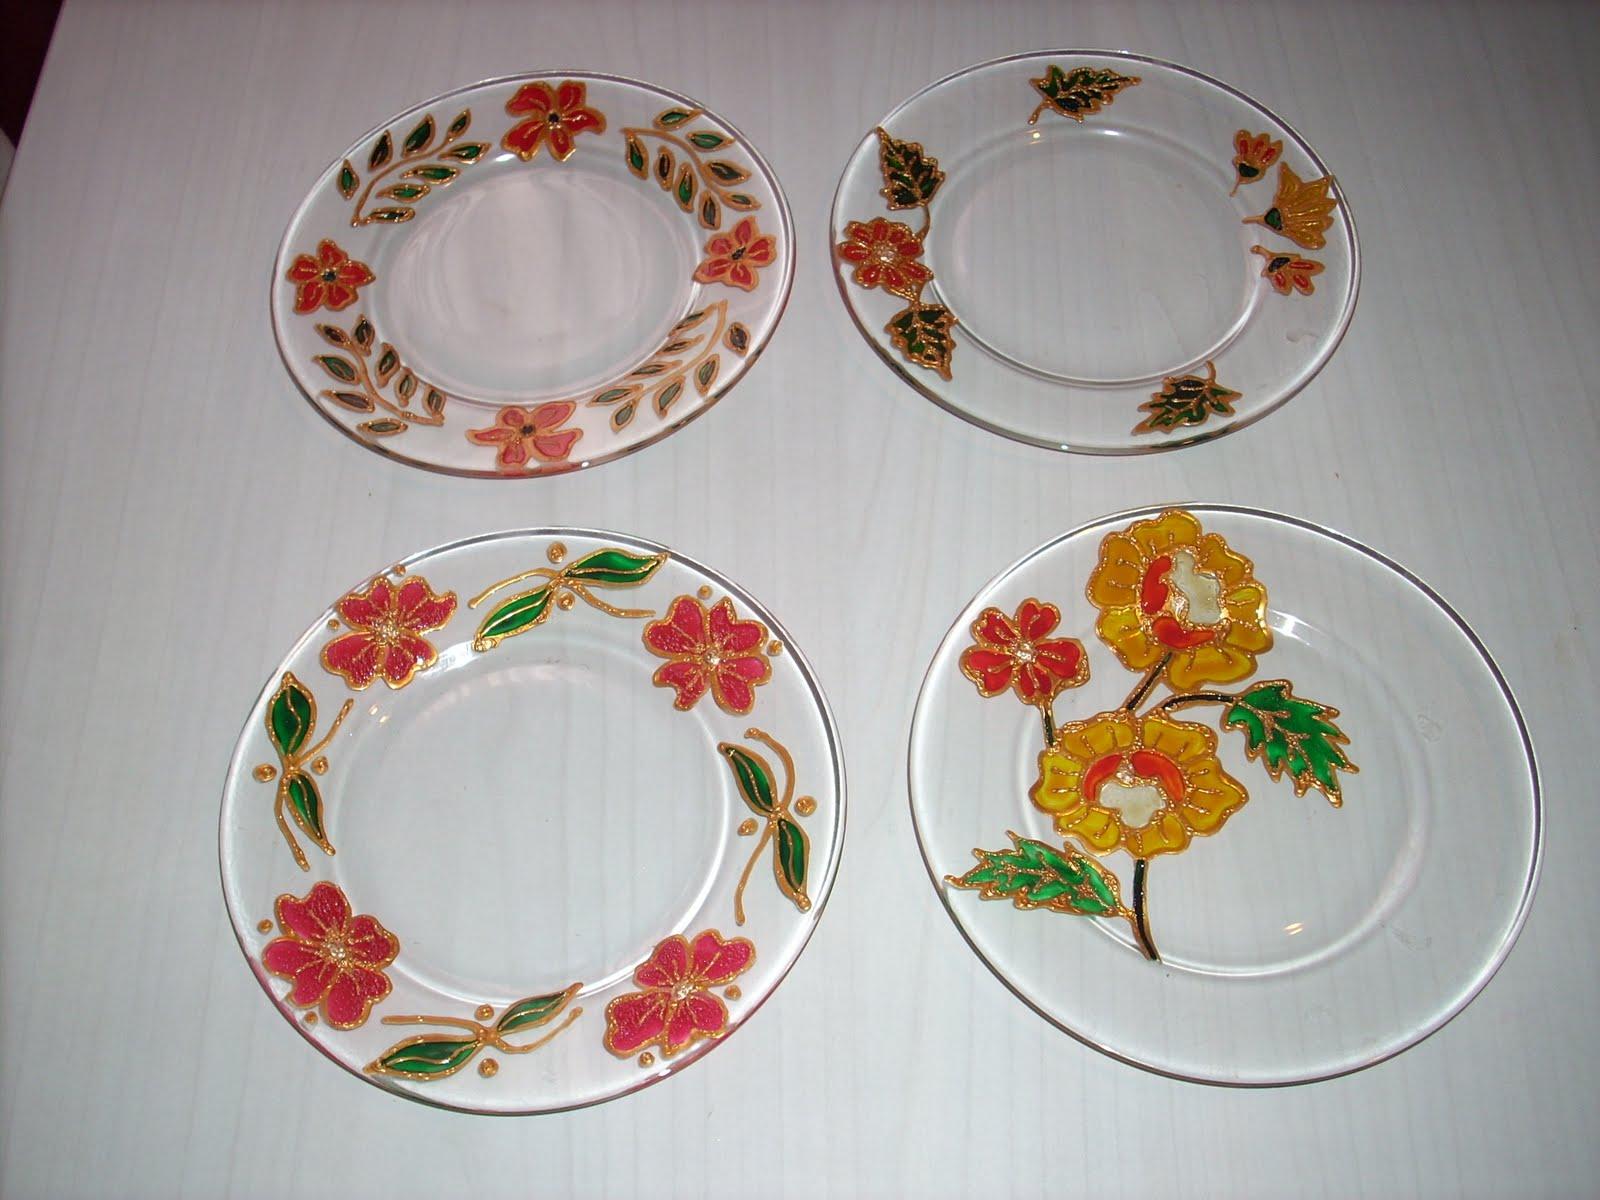 Reali fantasie colorate piattini dipinti for Decorazioni piatti da cucina